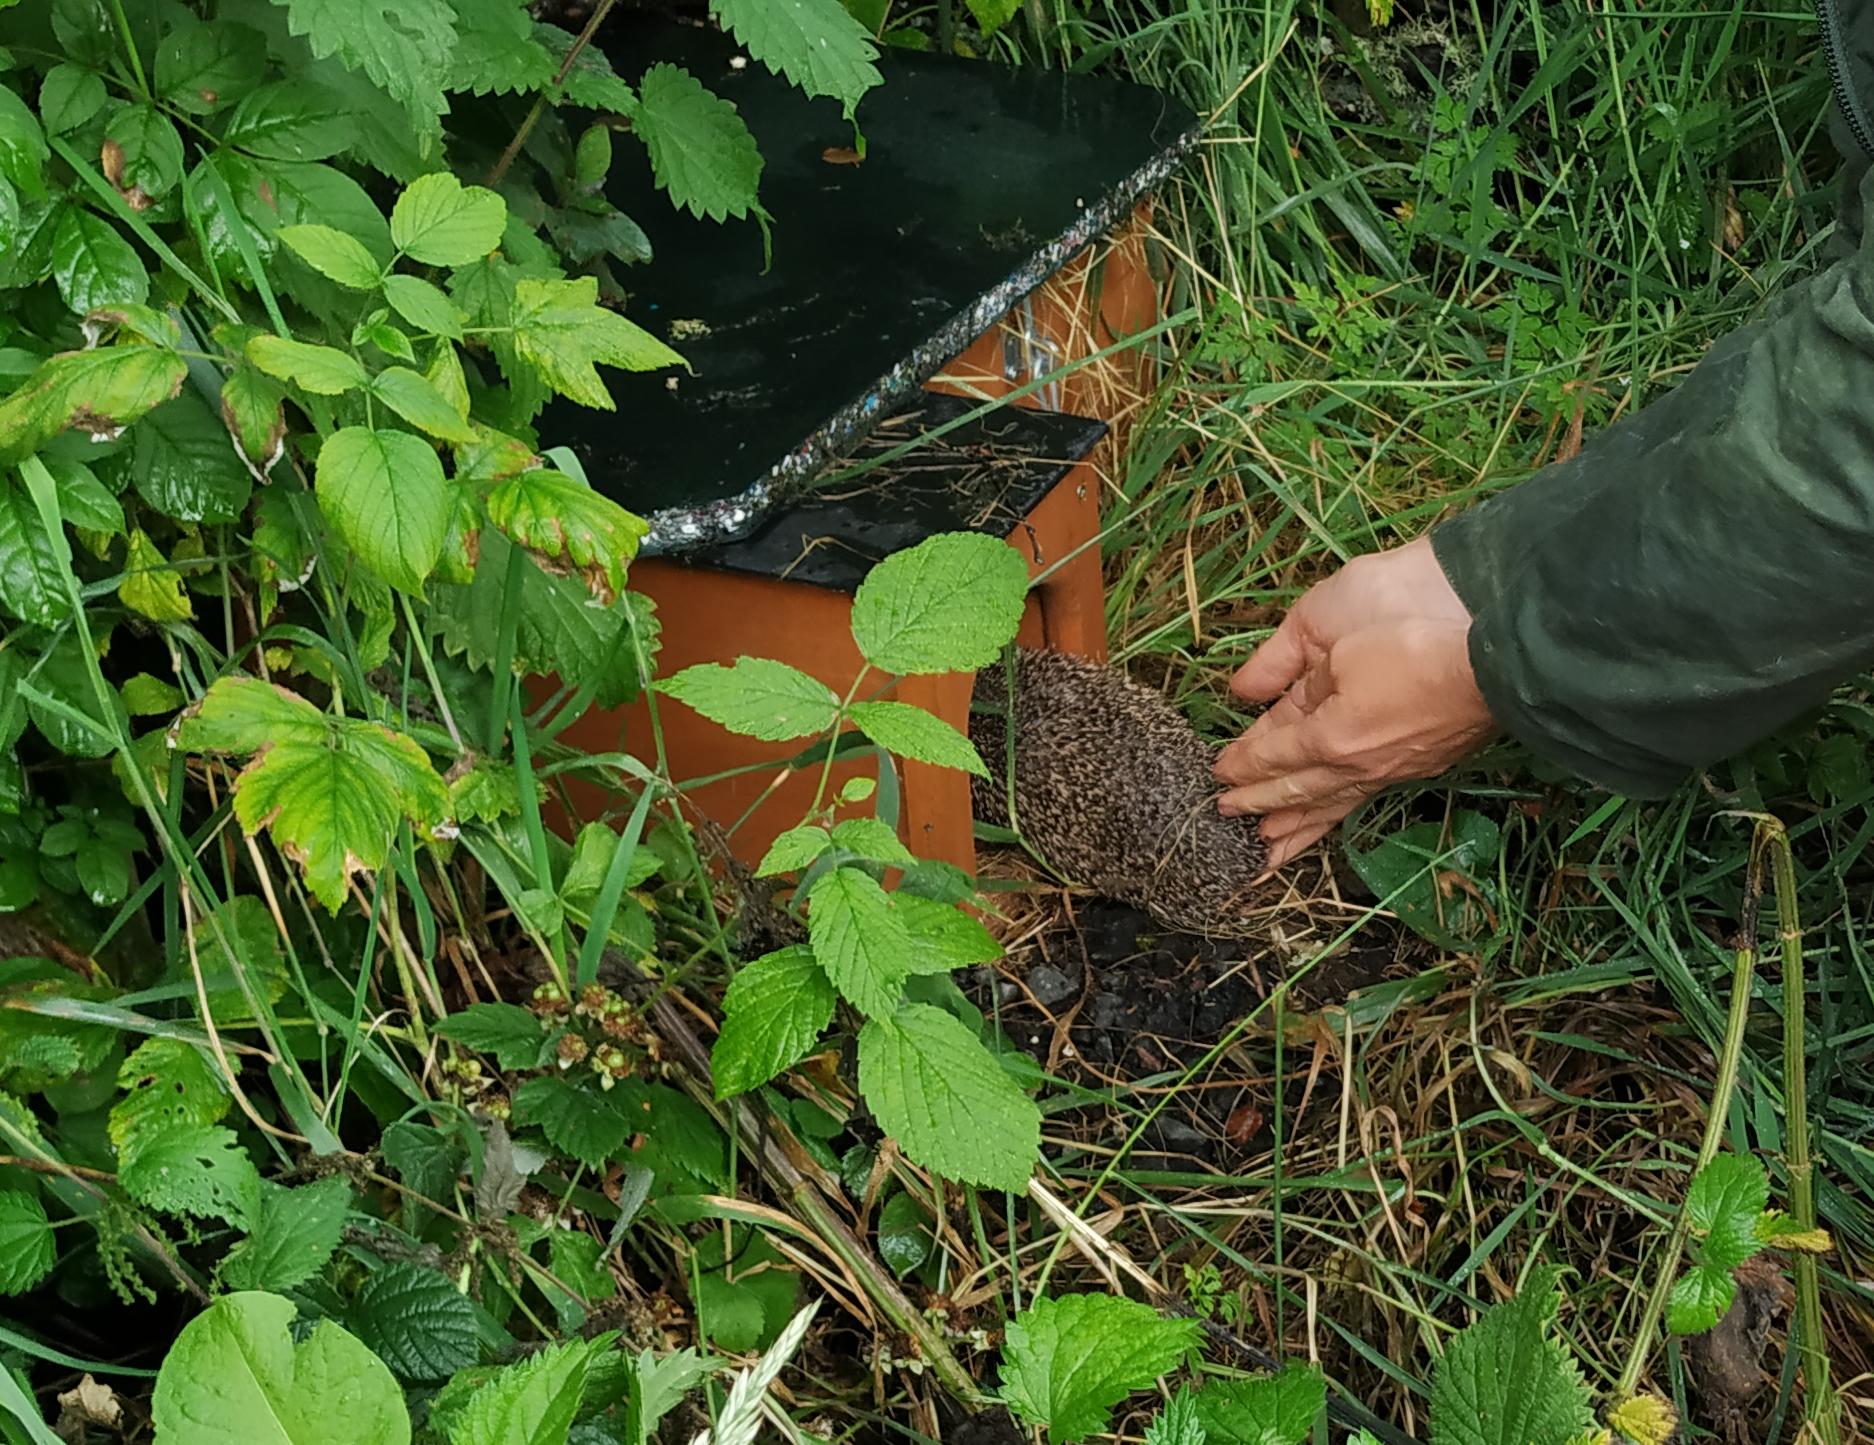 releasing young hedgehog